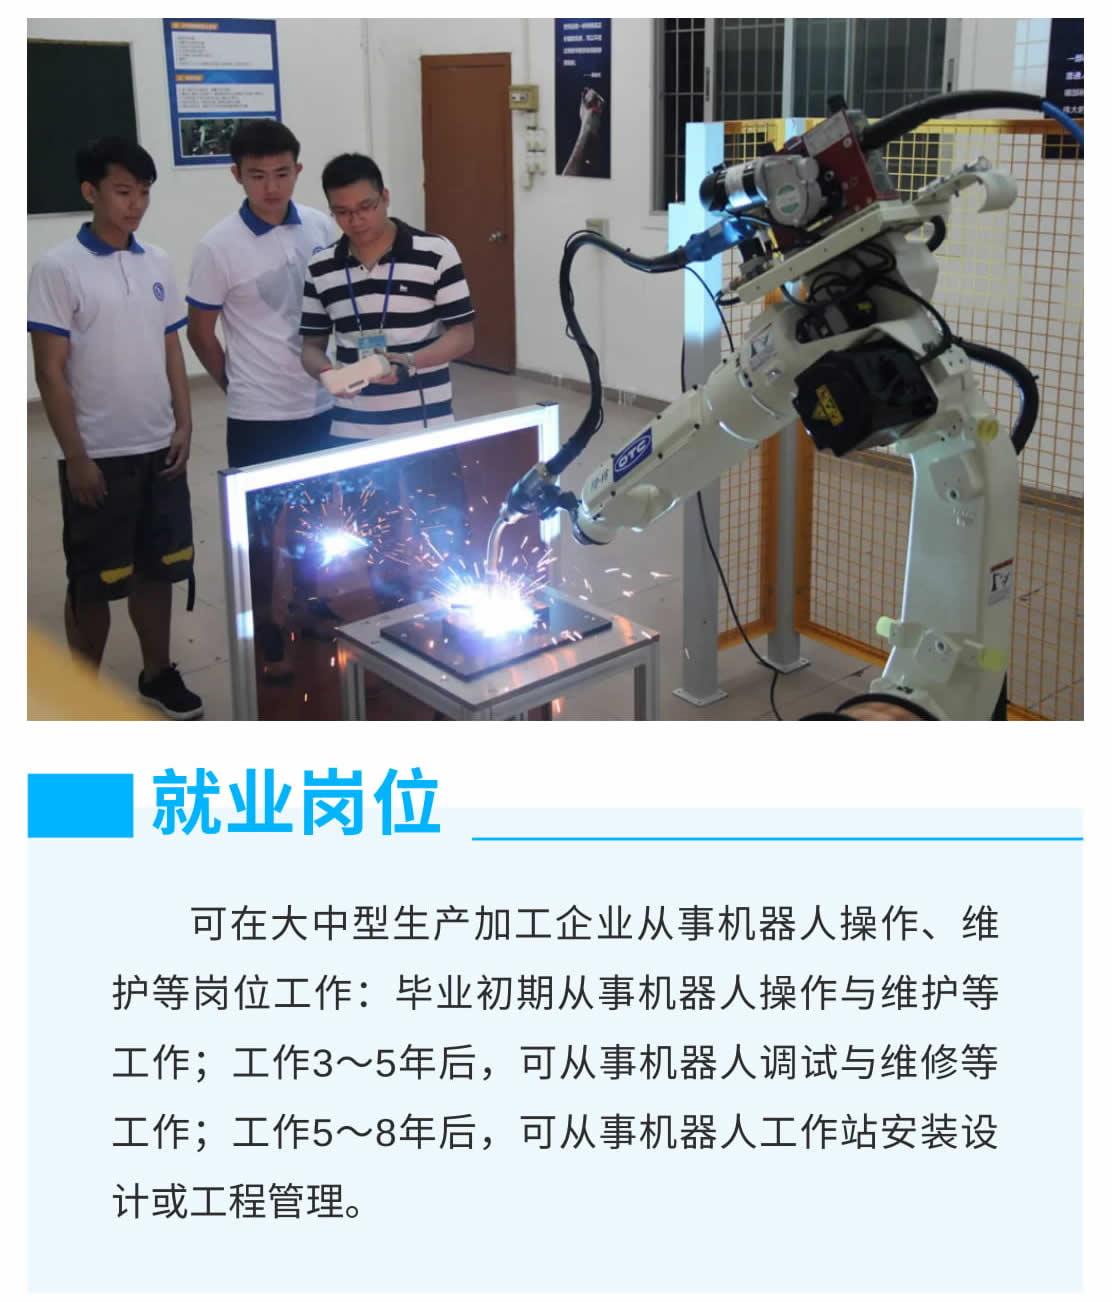 工业机器人应用与维护(初中起点三年制)-1_r3_c1.jpg